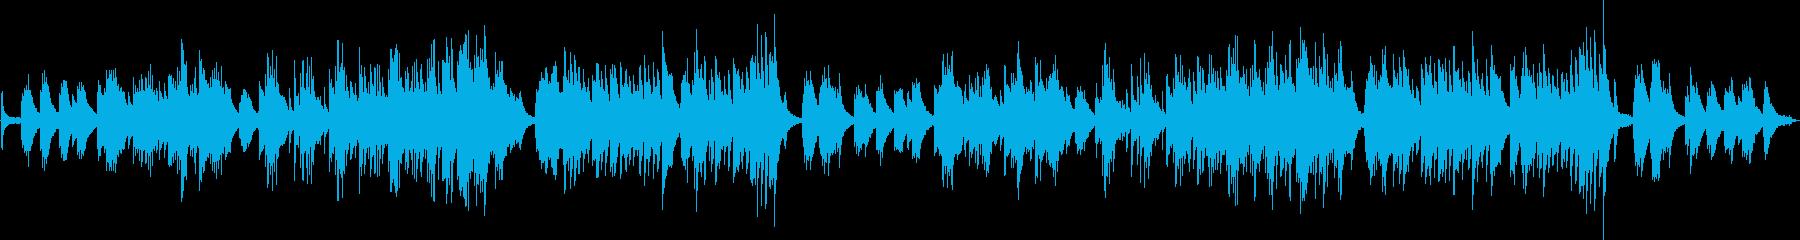 ピアノ生演奏/回想・運命・幸せ・愛・静かの再生済みの波形